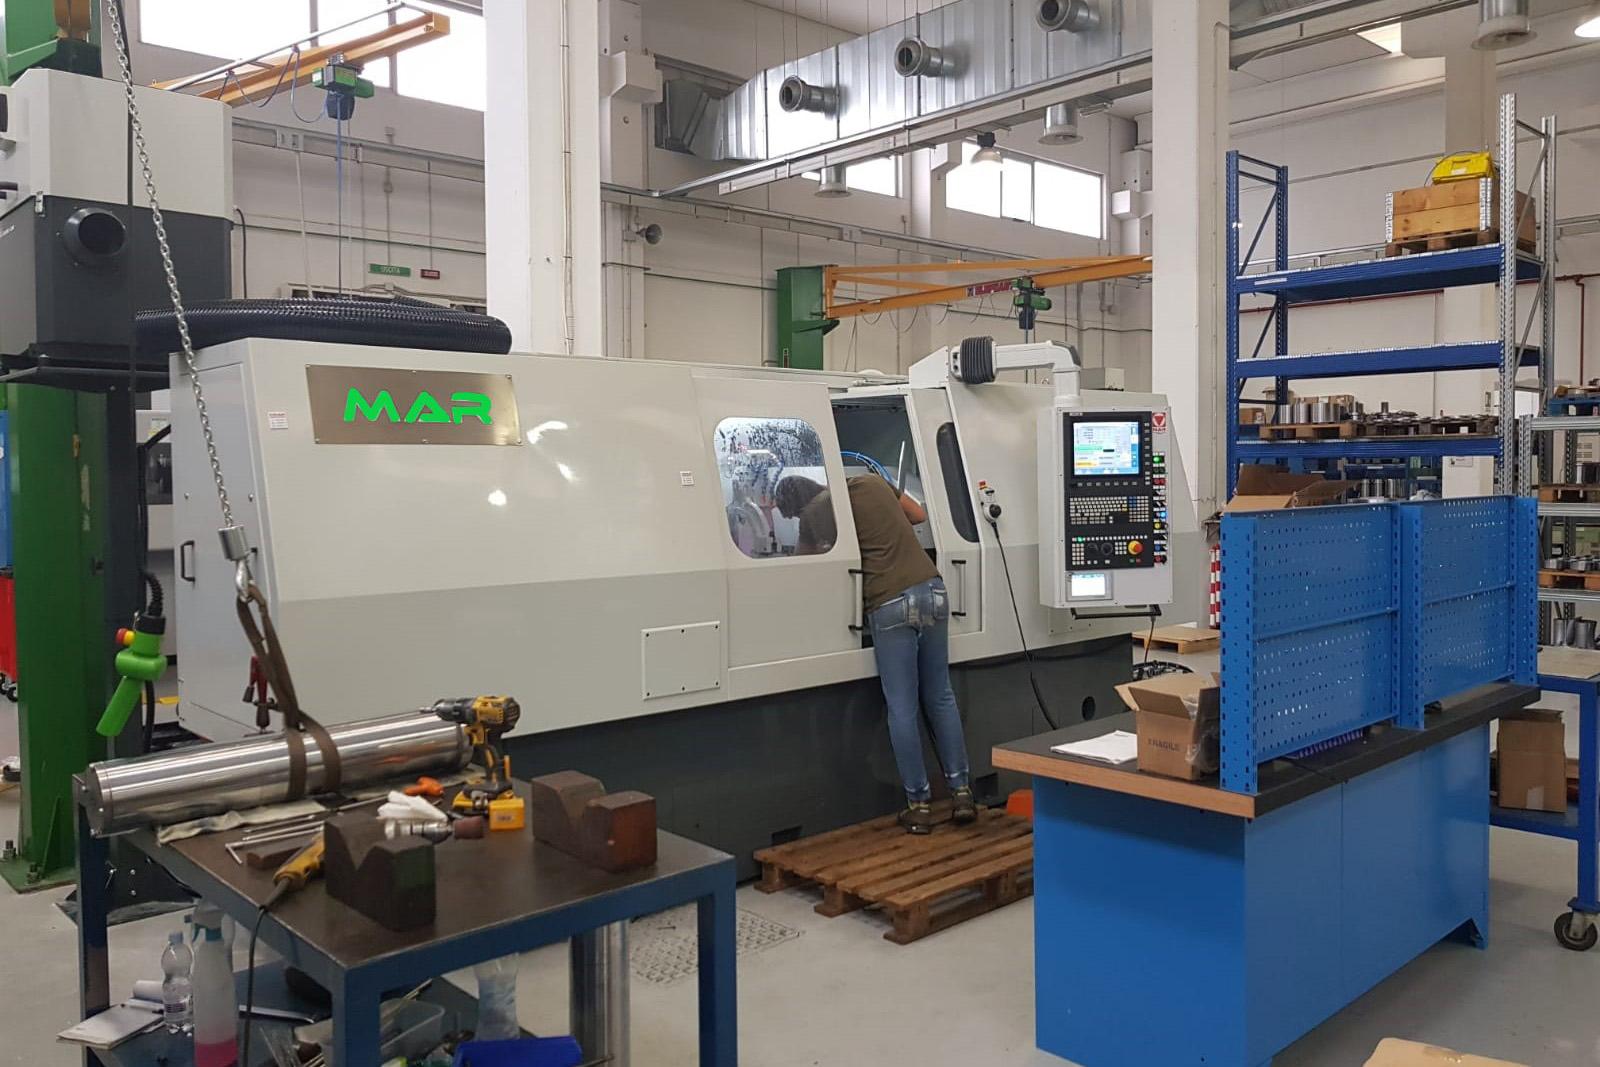 MAR GRU 1500 CNC